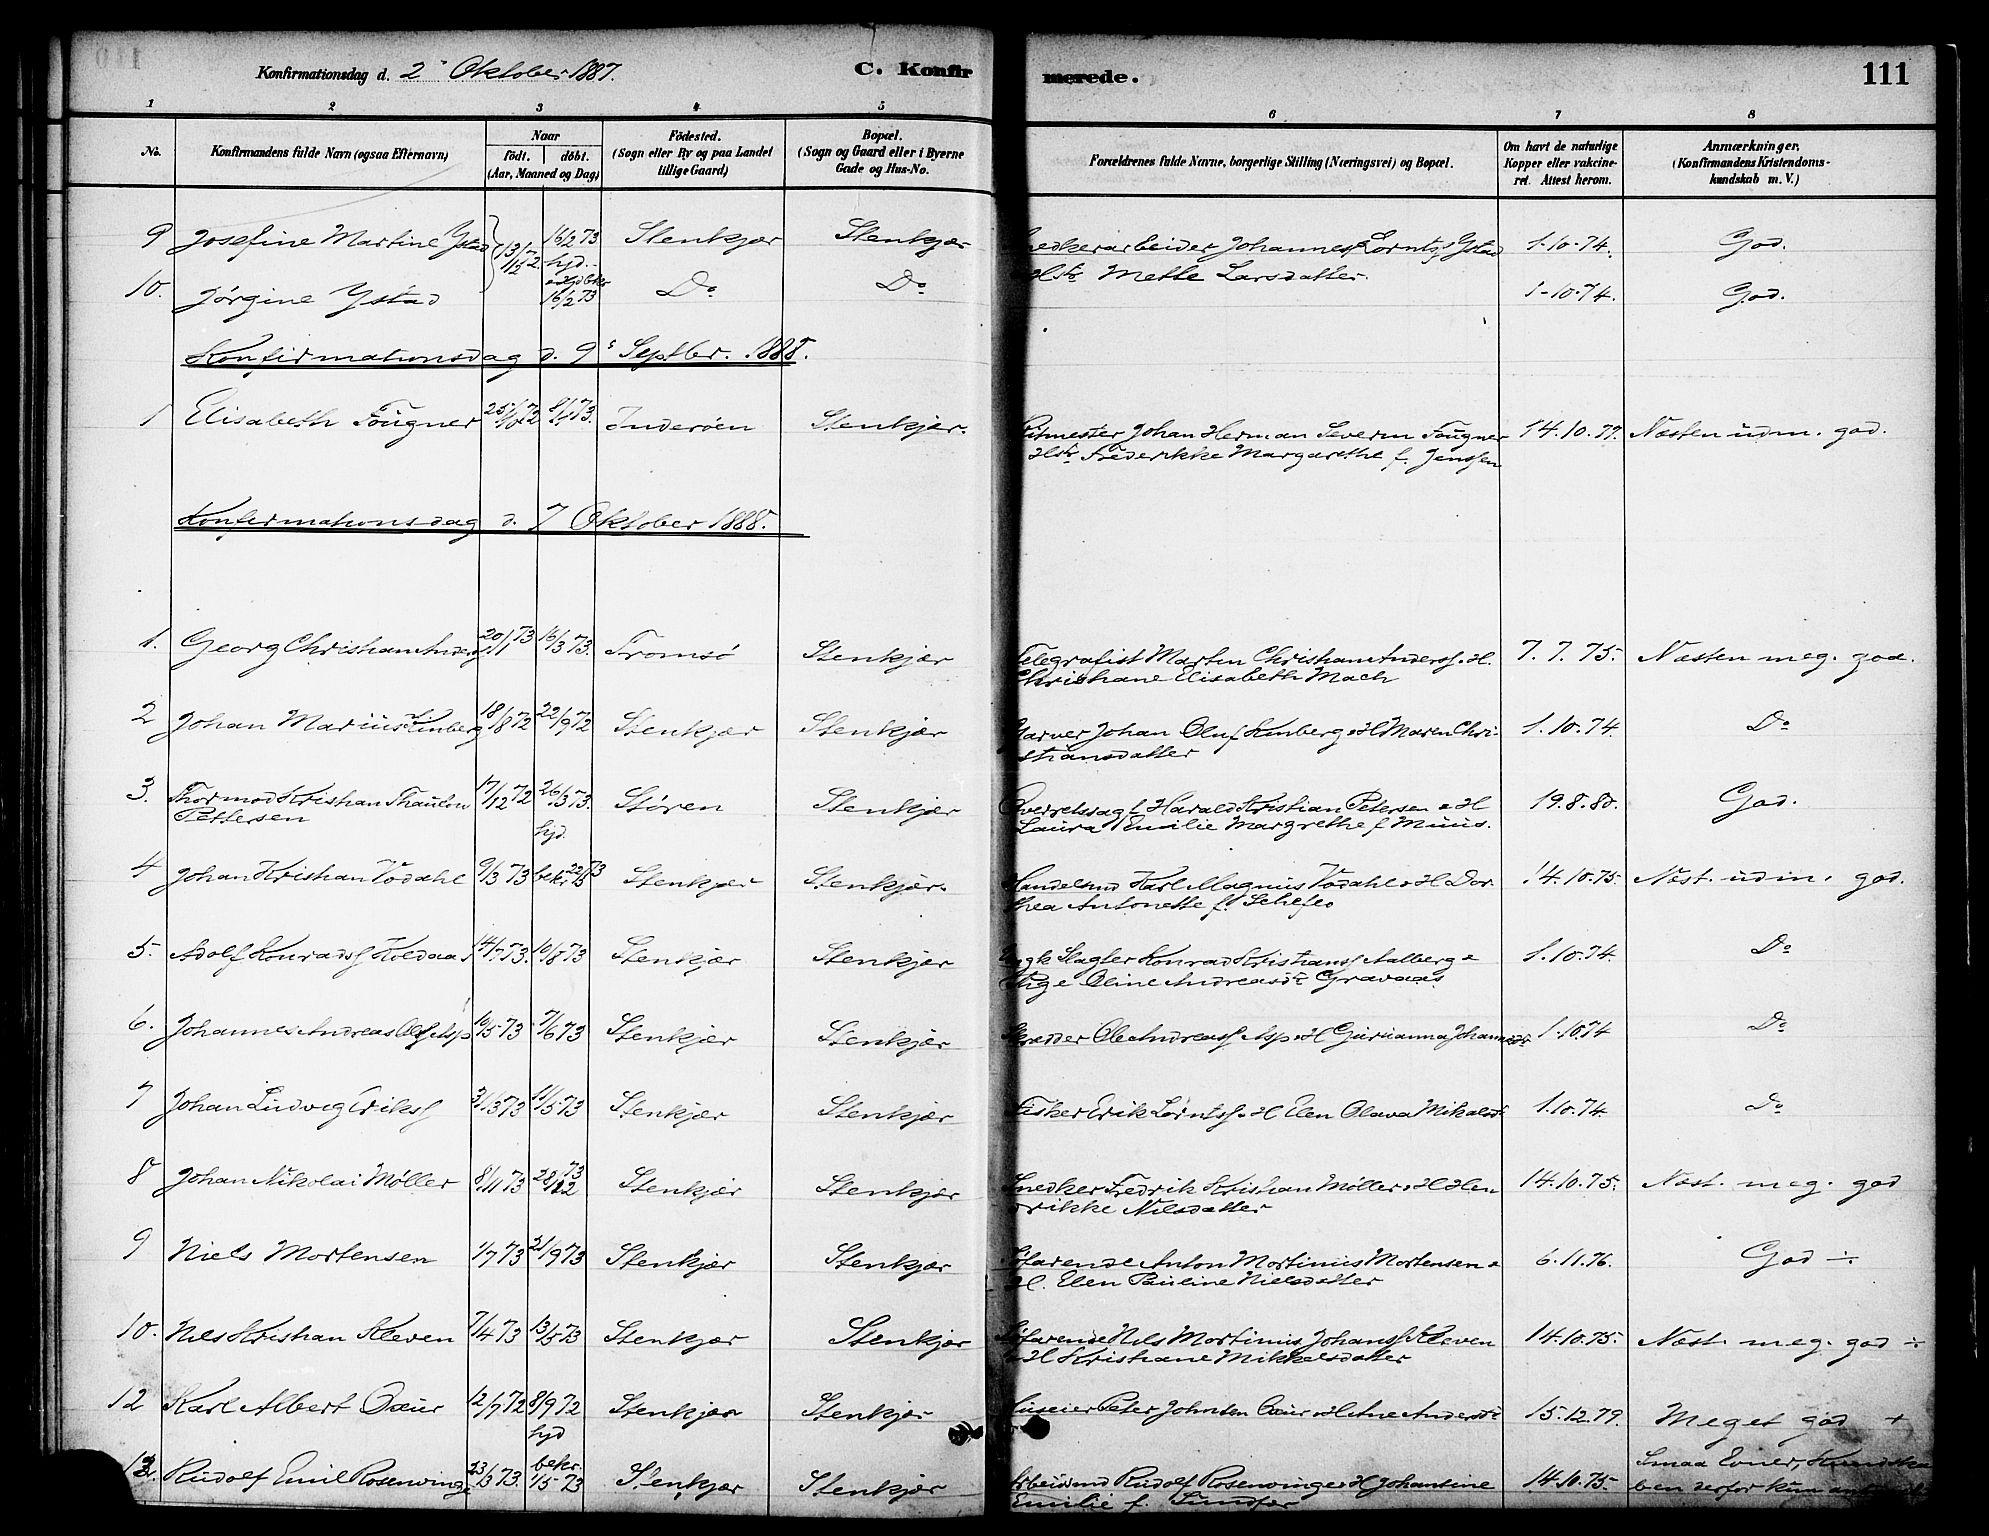 SAT, Ministerialprotokoller, klokkerbøker og fødselsregistre - Nord-Trøndelag, 739/L0371: Ministerialbok nr. 739A03, 1881-1895, s. 111